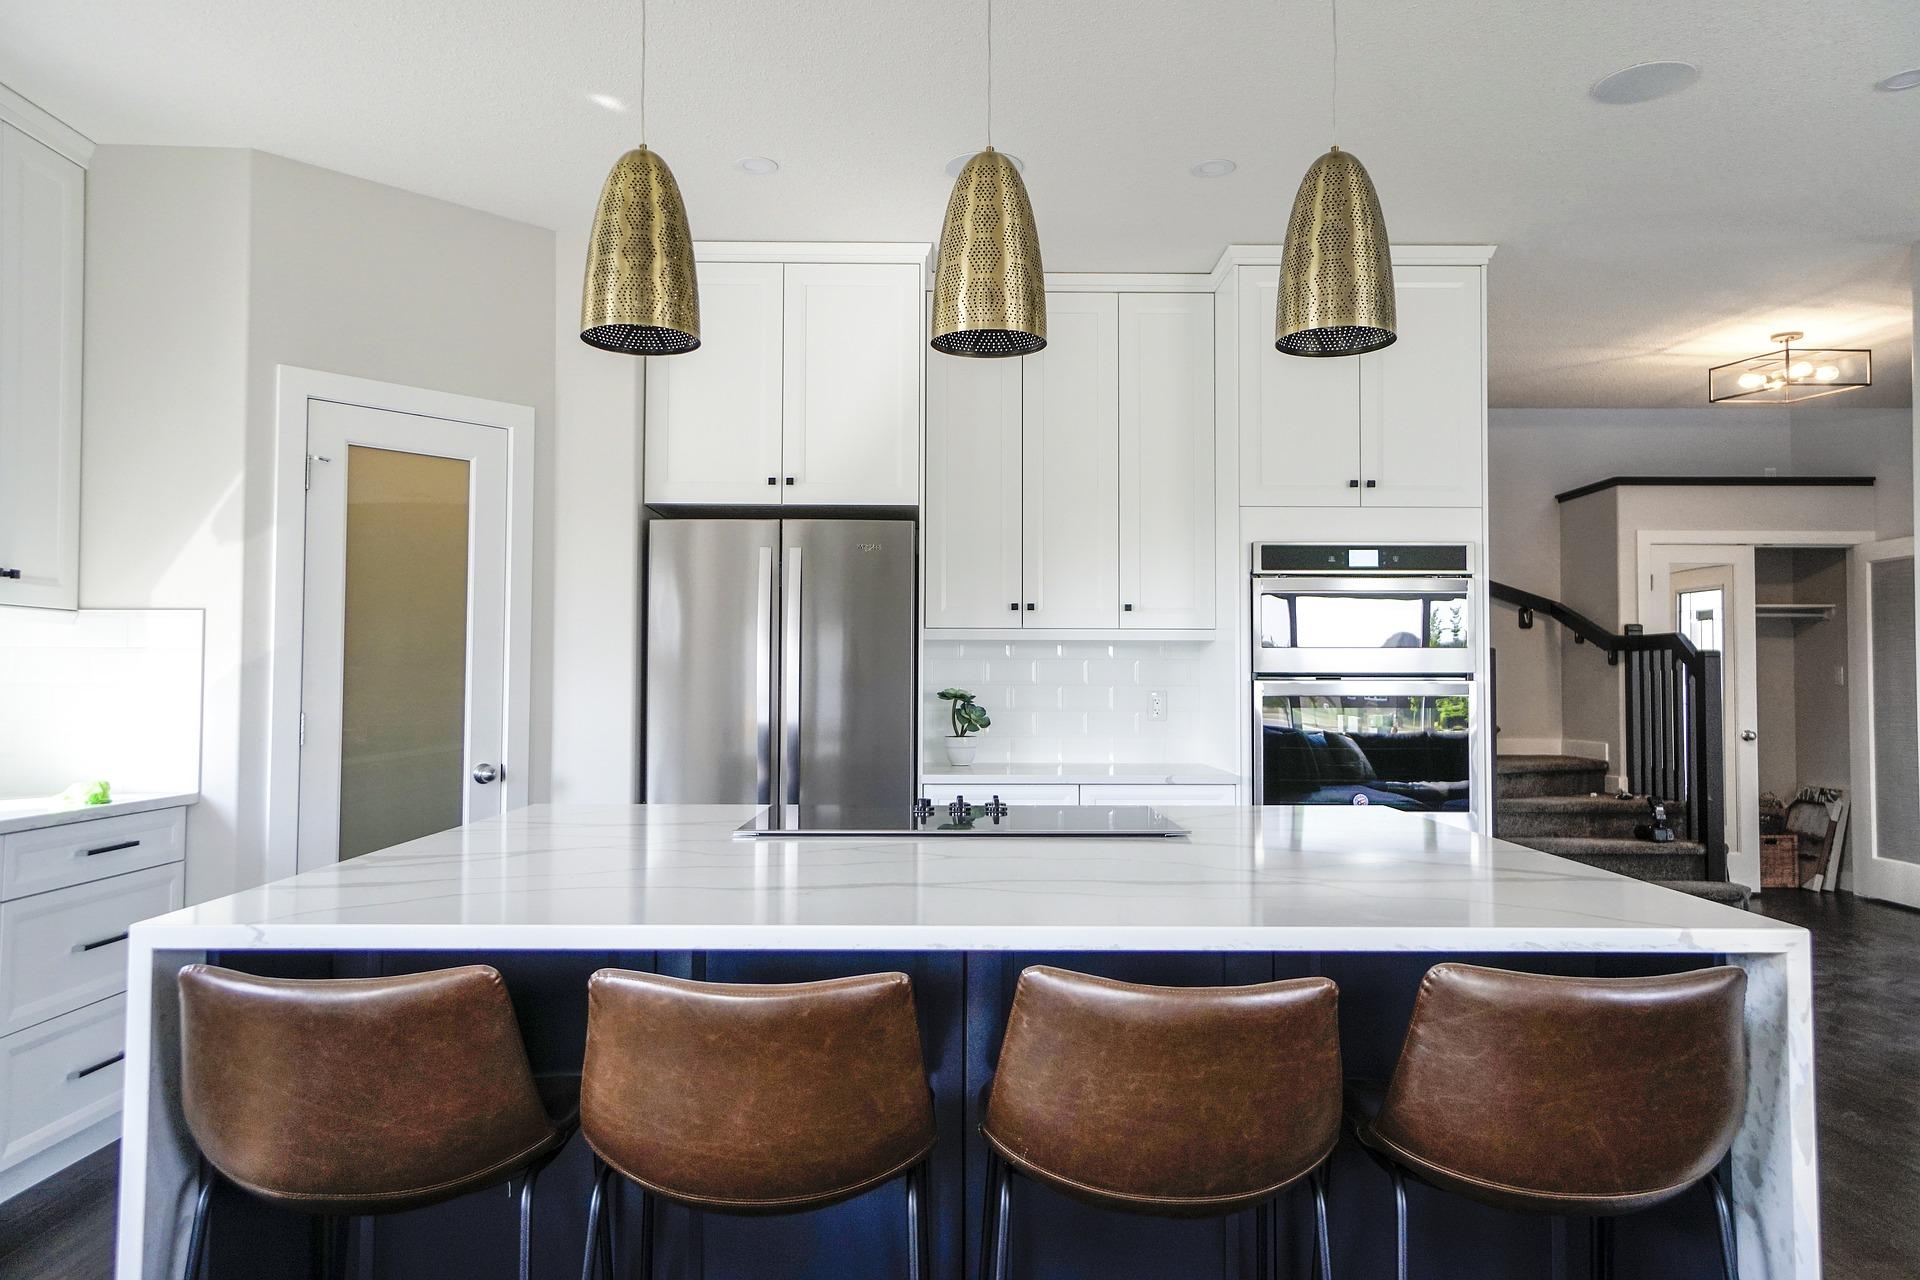 kitchen-3689917_1920.jpg